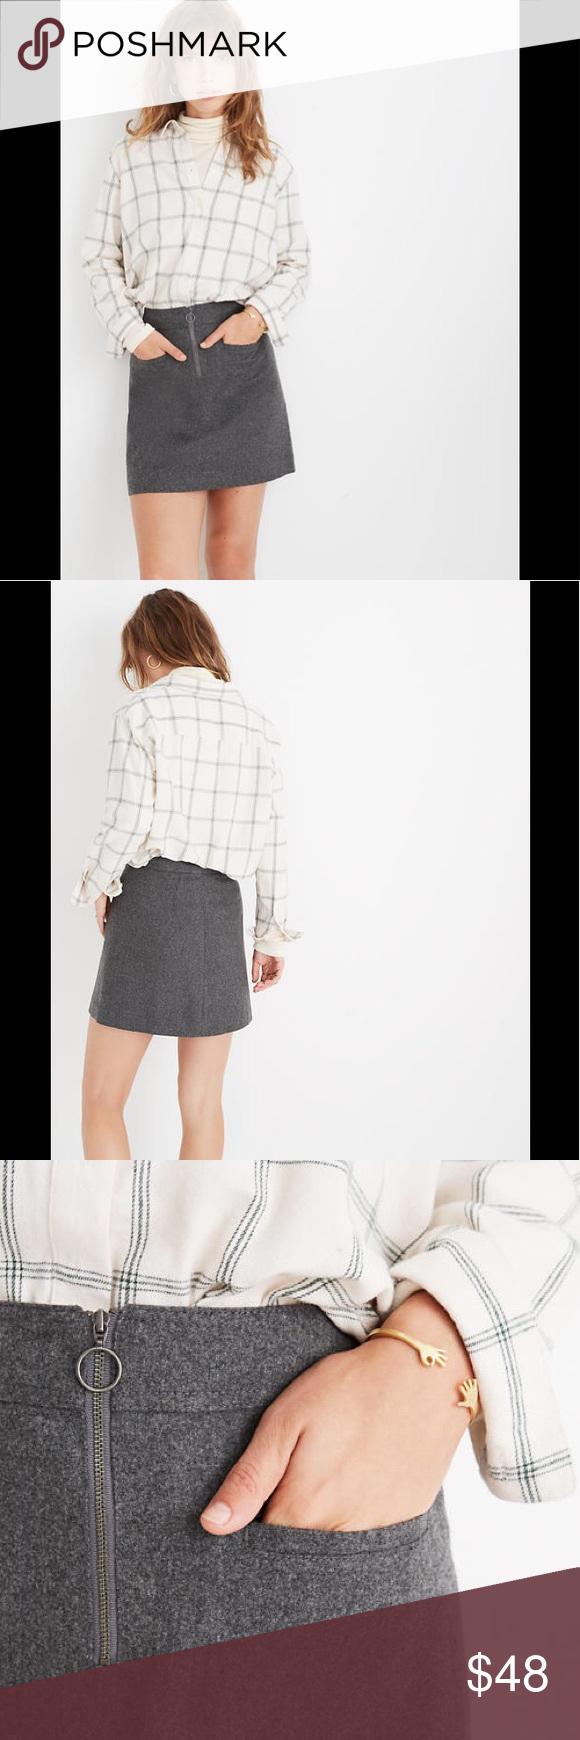 Photo of Madewell Fireside Mini Skirt in Gray Plus Size Madewell Fireside Mini Skirt in P…